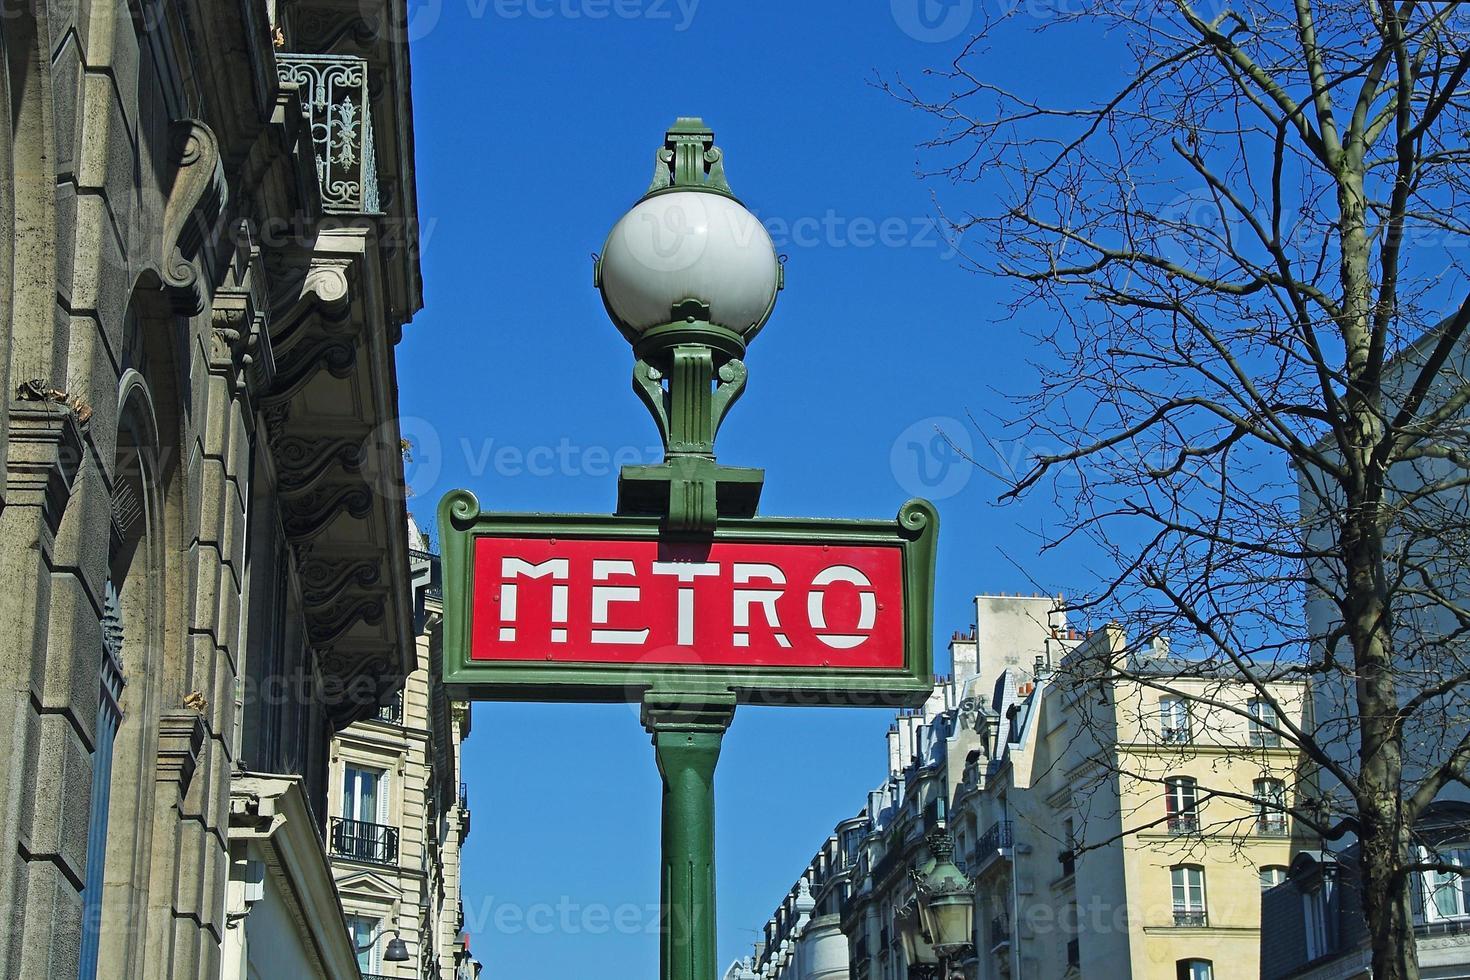 metro teken op straat van Parijs (close-up) foto